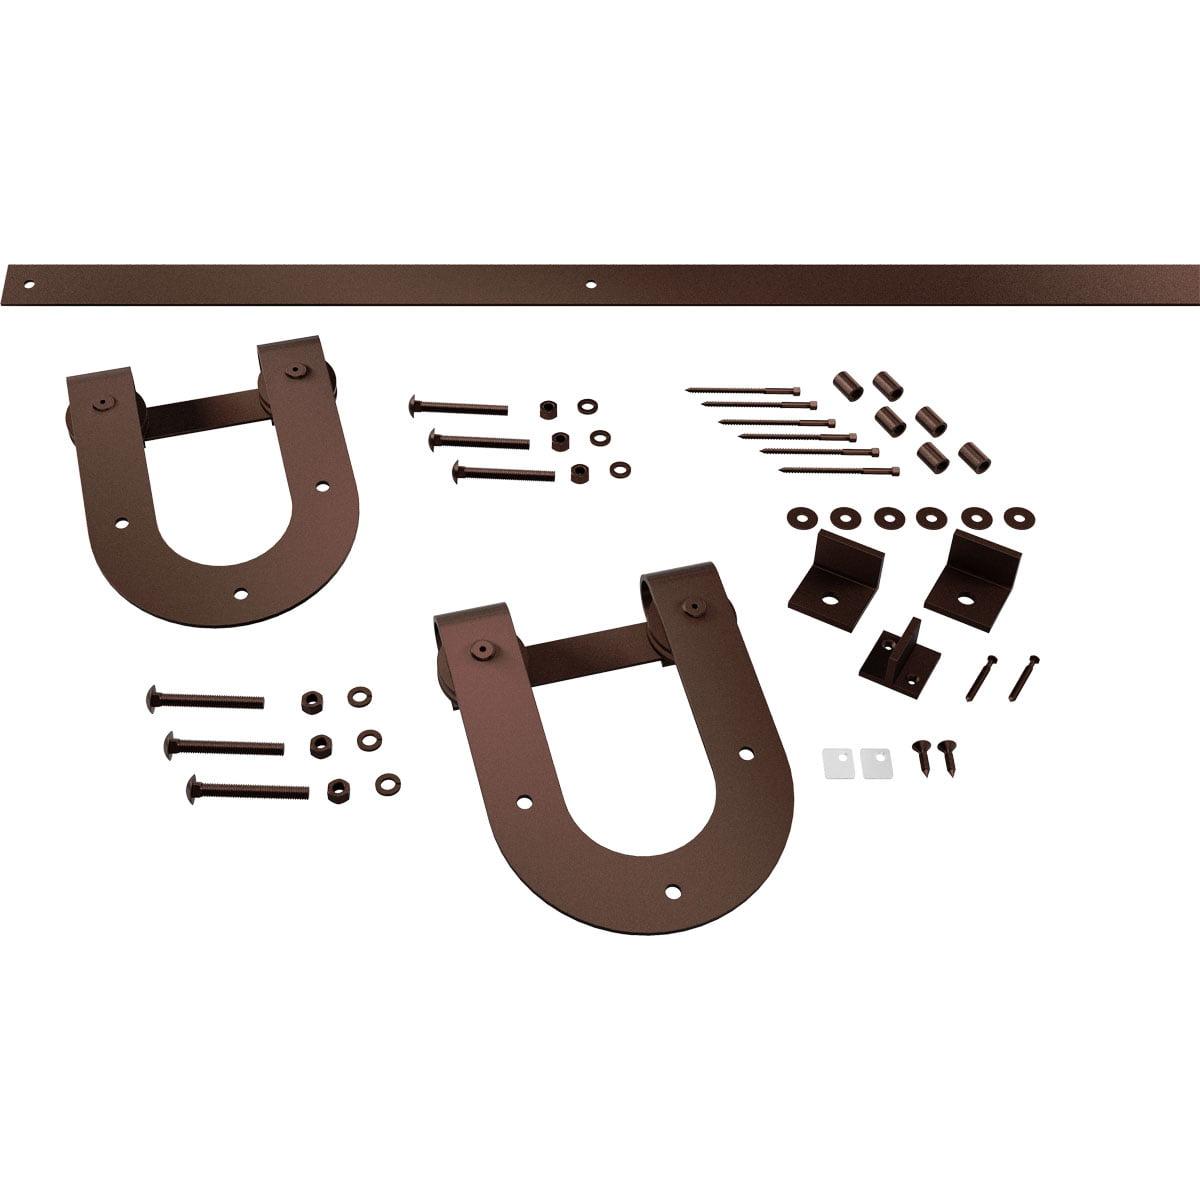 Premium Horseshoe Barn Door Hardware Set W 5 Track For 1 3 8 Doors Black Walmart Com Walmart Com